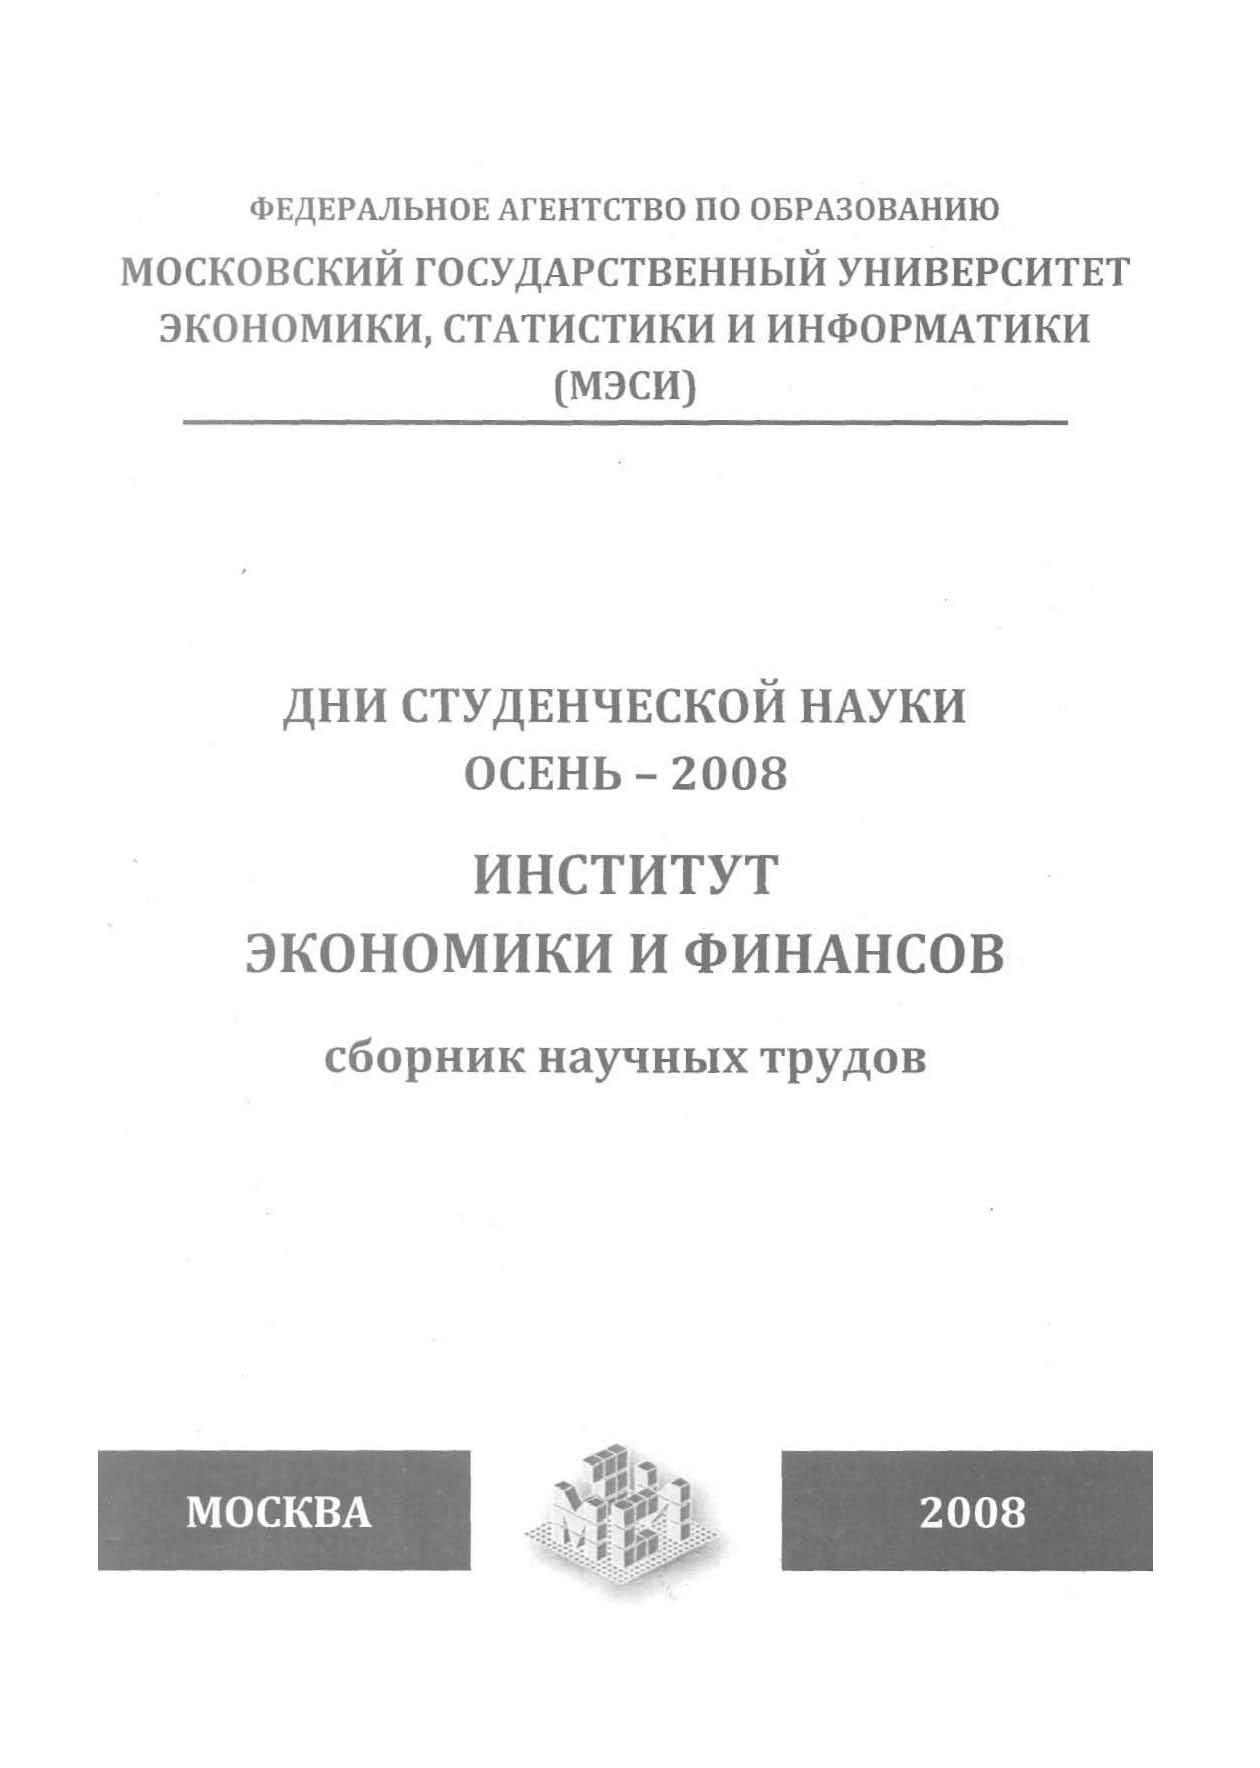 Дни студенческой науки. Осень - 2008